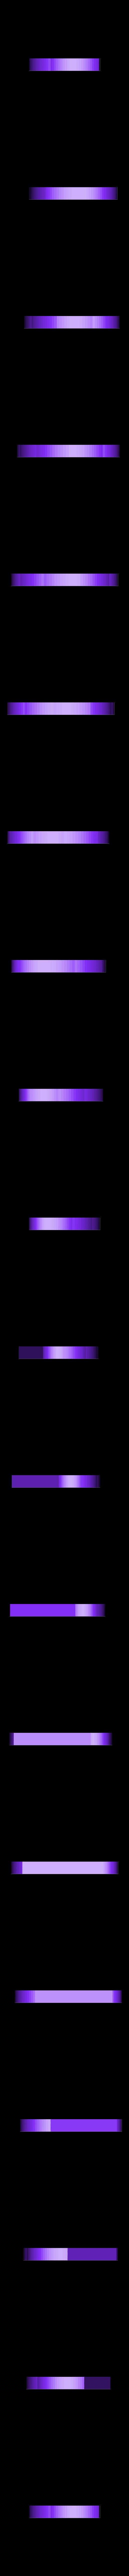 CorporaCavernosaLeft.stl Télécharger fichier STL Puzzle de la section tranchée du clitoris • Plan pour impression 3D, 3D_Maniac